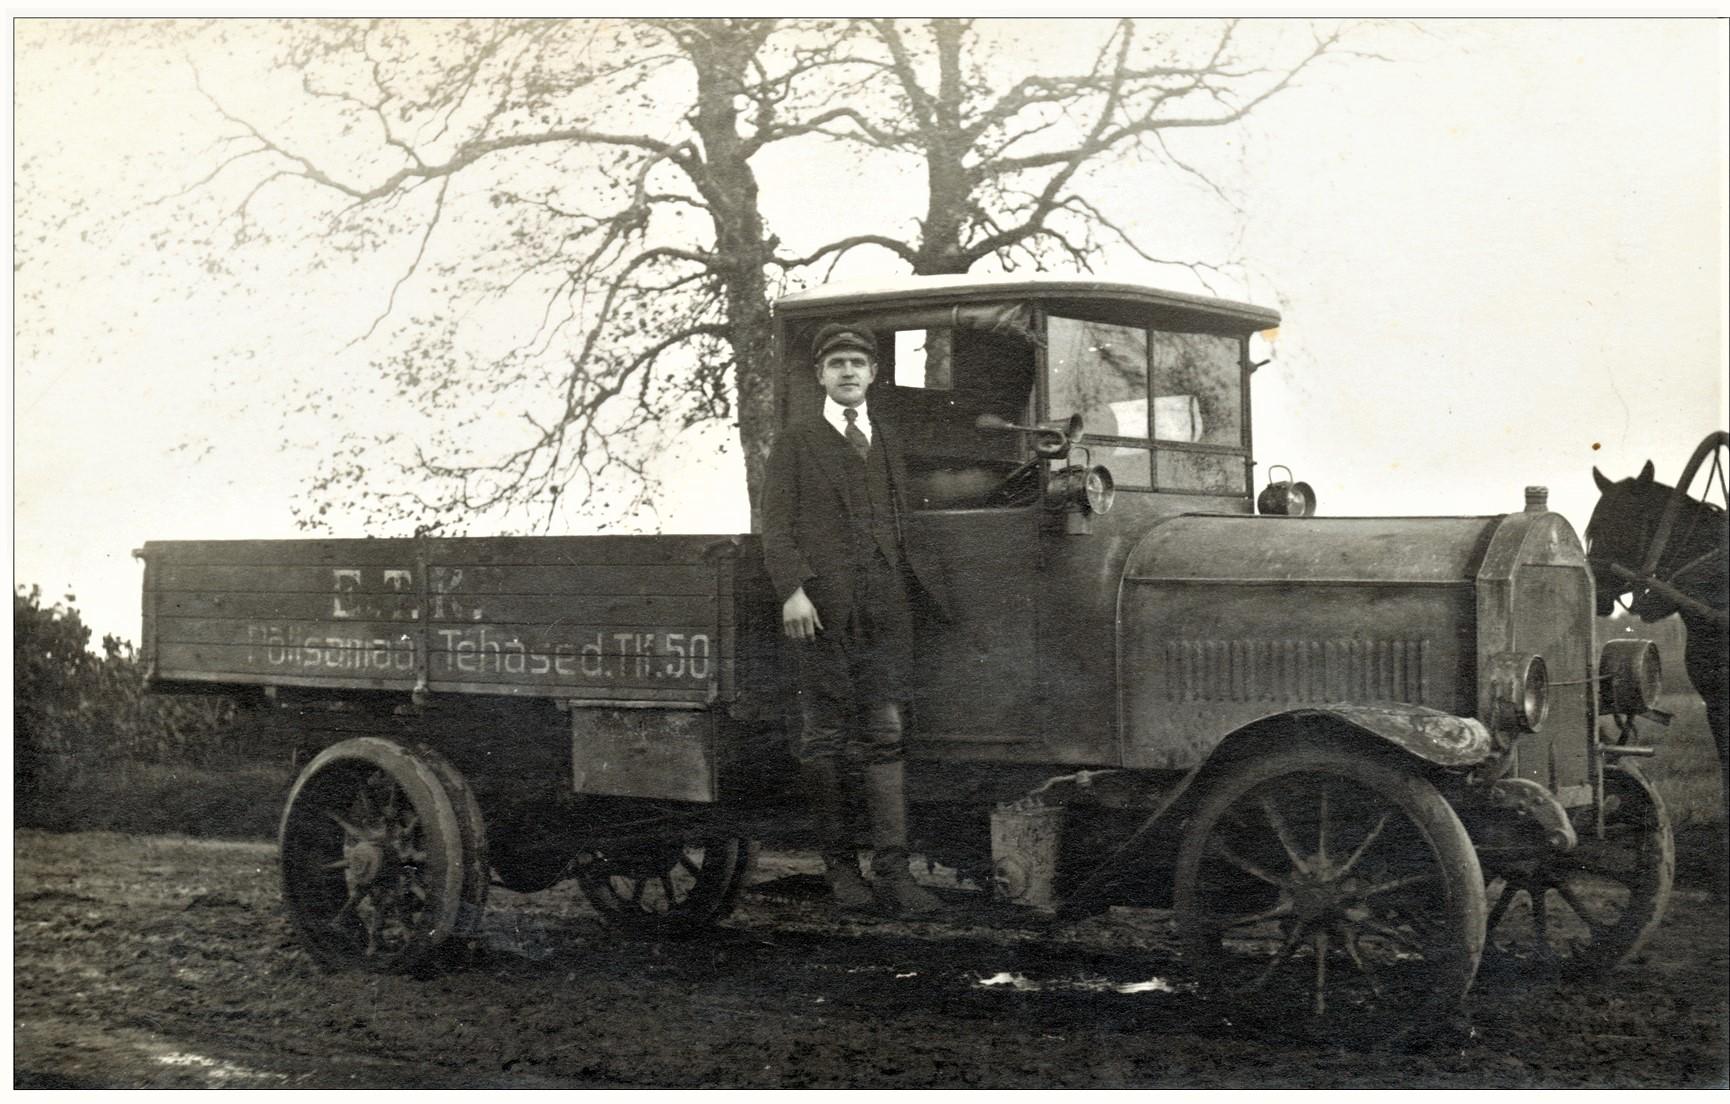 Põltsamaa vanadel fotodel: ETK Põltsamaa Tehased veoauto 1920. aastate alguses. Teadmata fotograaf. Foto erakogust.